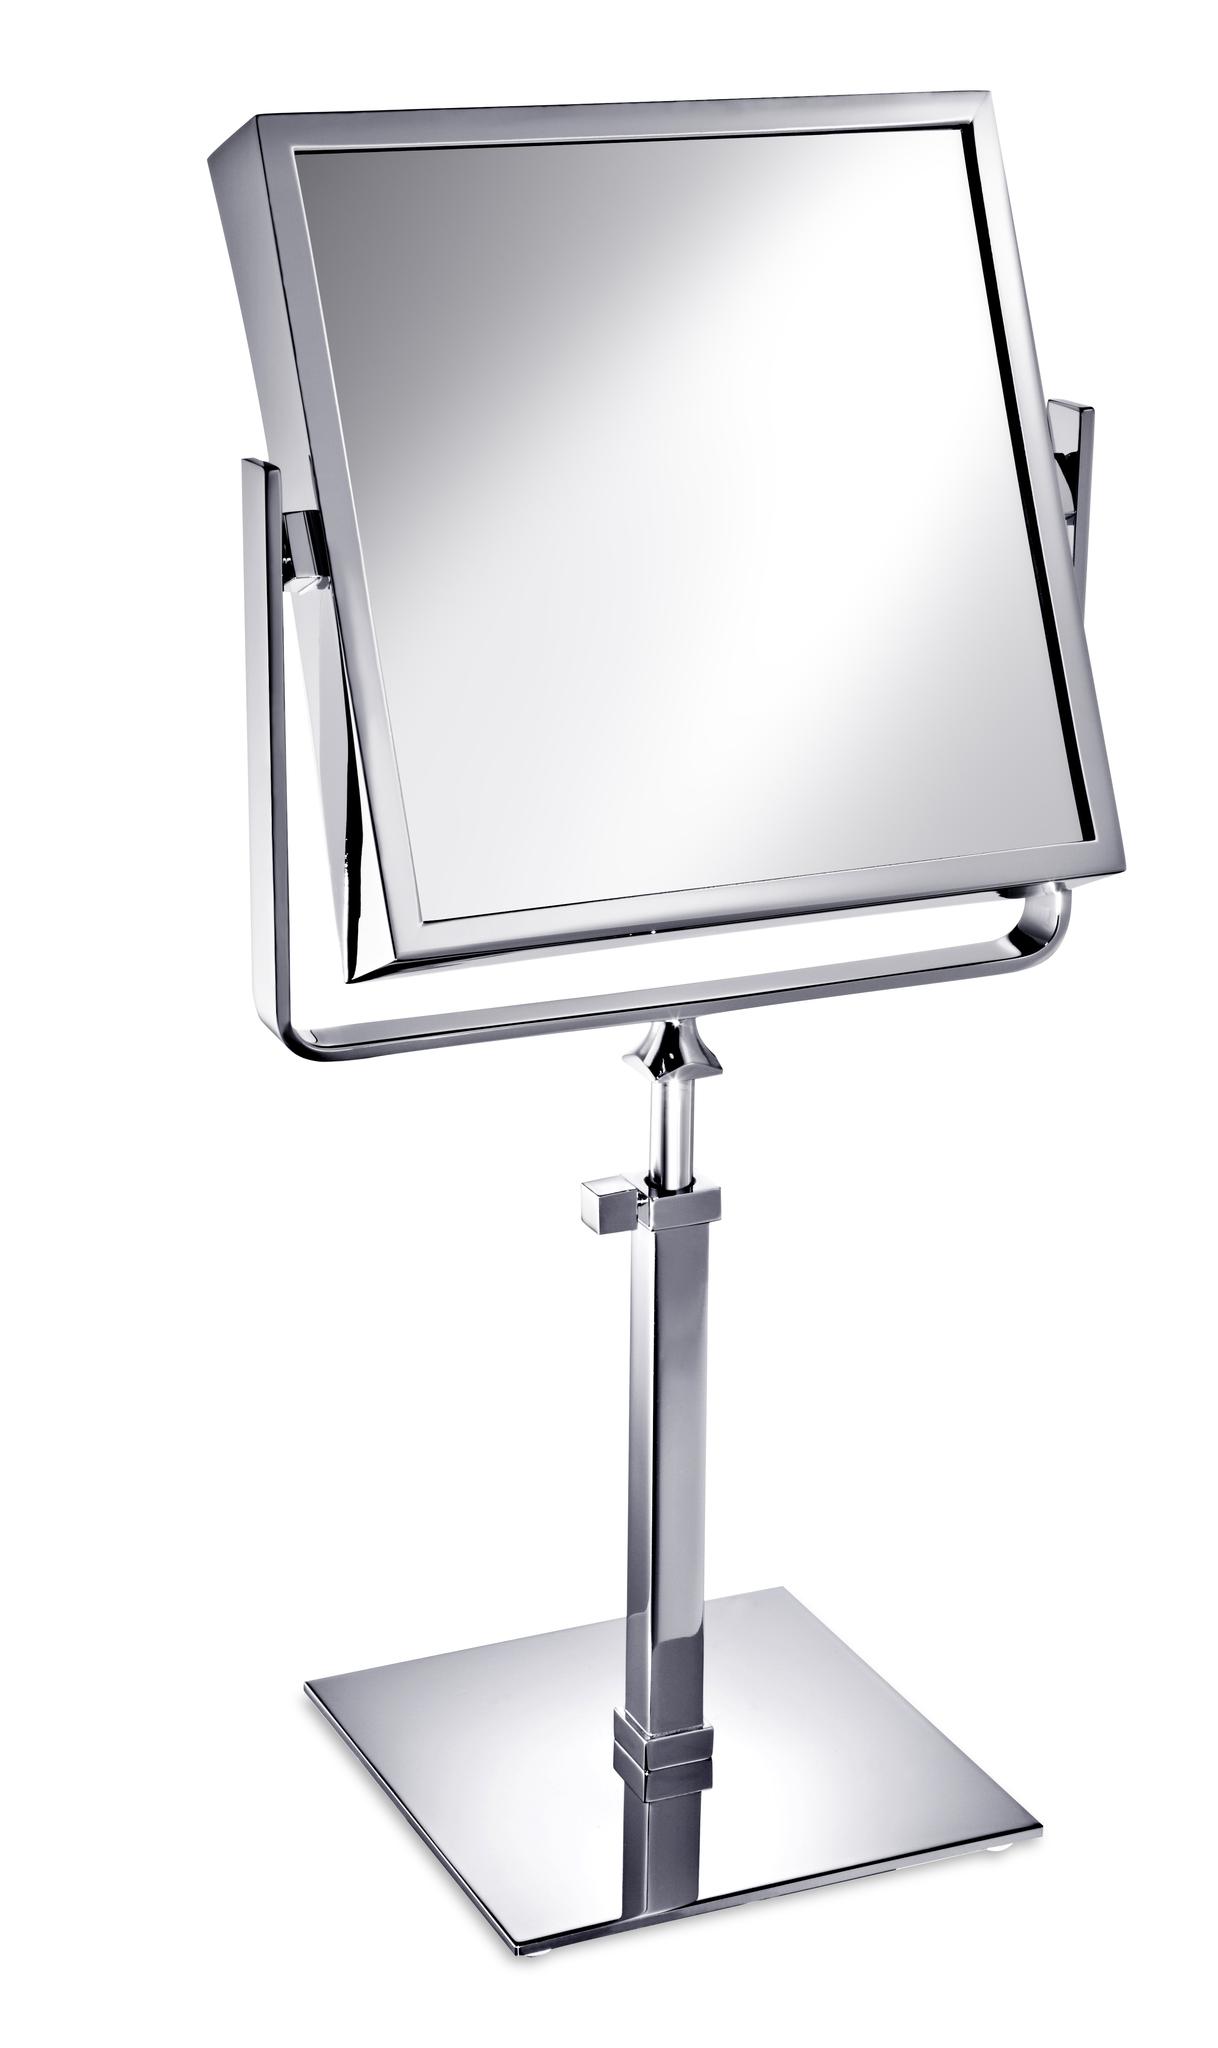 Зеркала Зеркало косметическое Windisch 99335CR 5X elitnoe-zerkalo-kosmeticheskoe-99335-ot-windisch-ispaniya.jpg